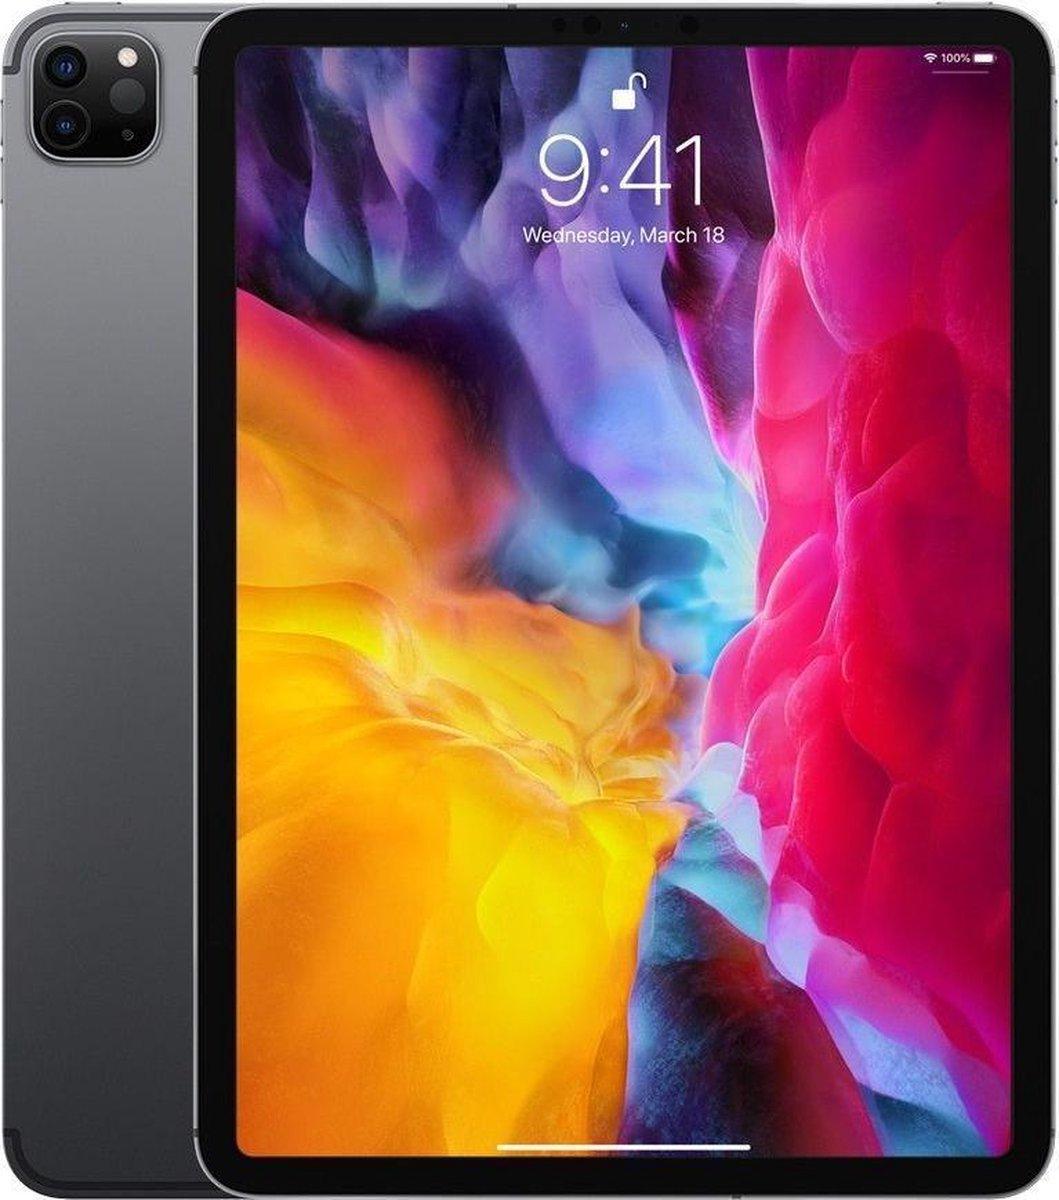 Apple iPad Pro (2020) refurbished door Adognicosto – B Grade (Lichte gebruikssporen) – 11 inch – WiFi – 512GB – Spacegrijs